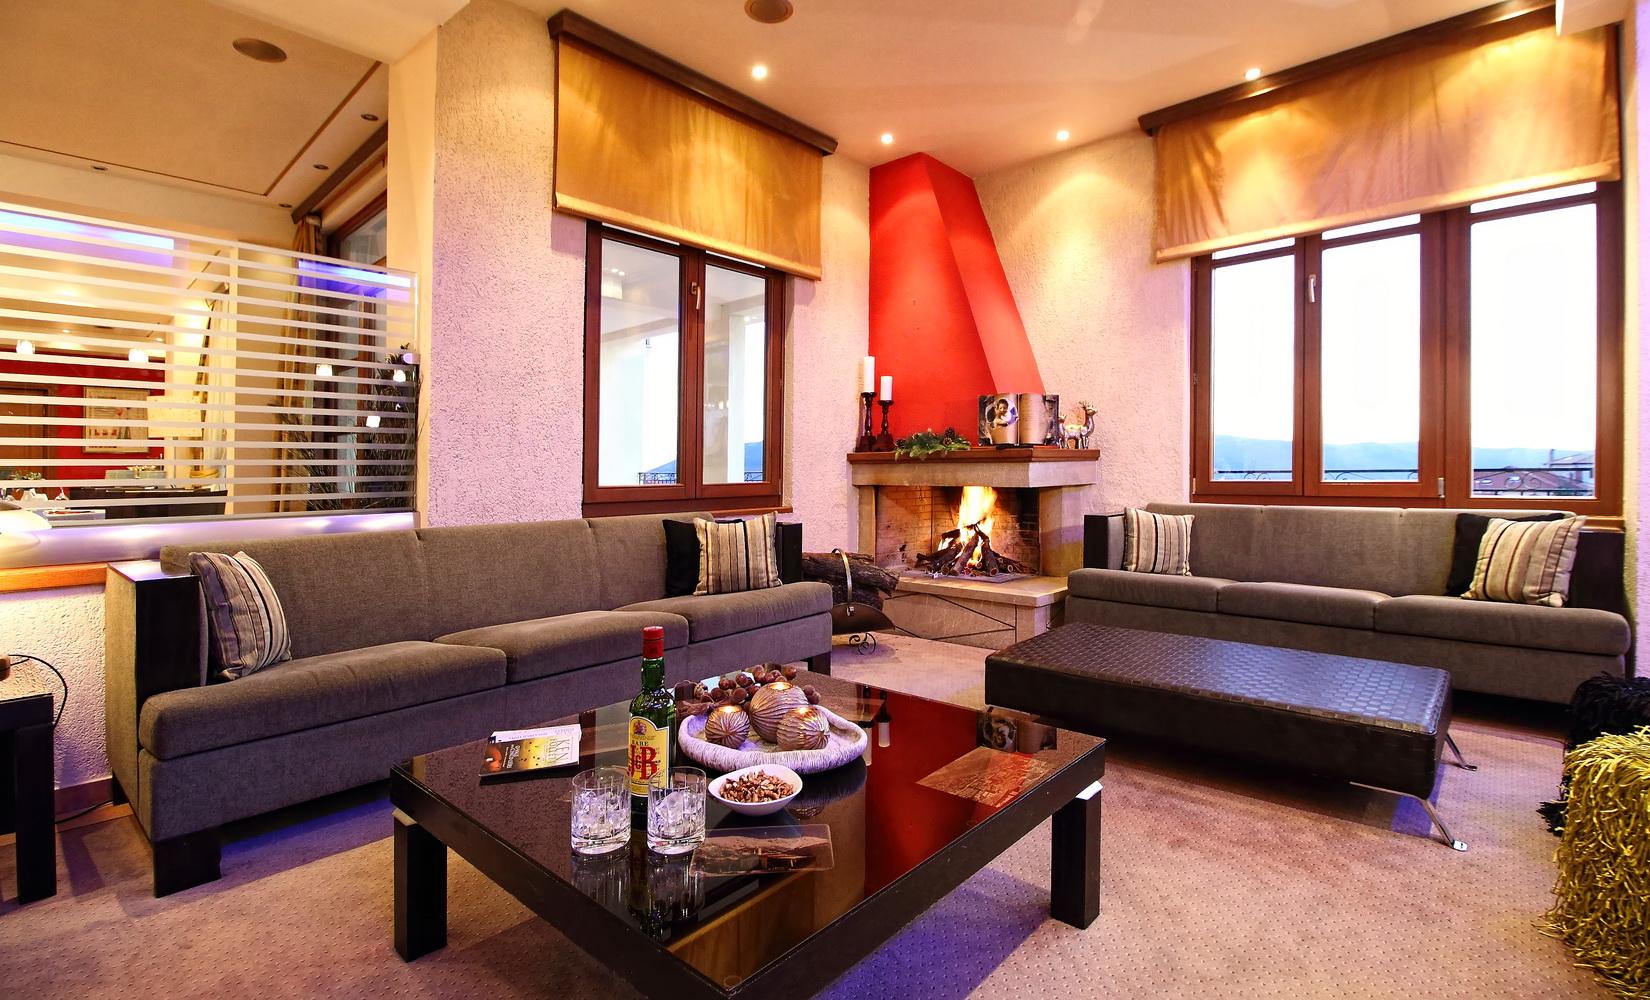 HOTEL PARNASSIA-BAR